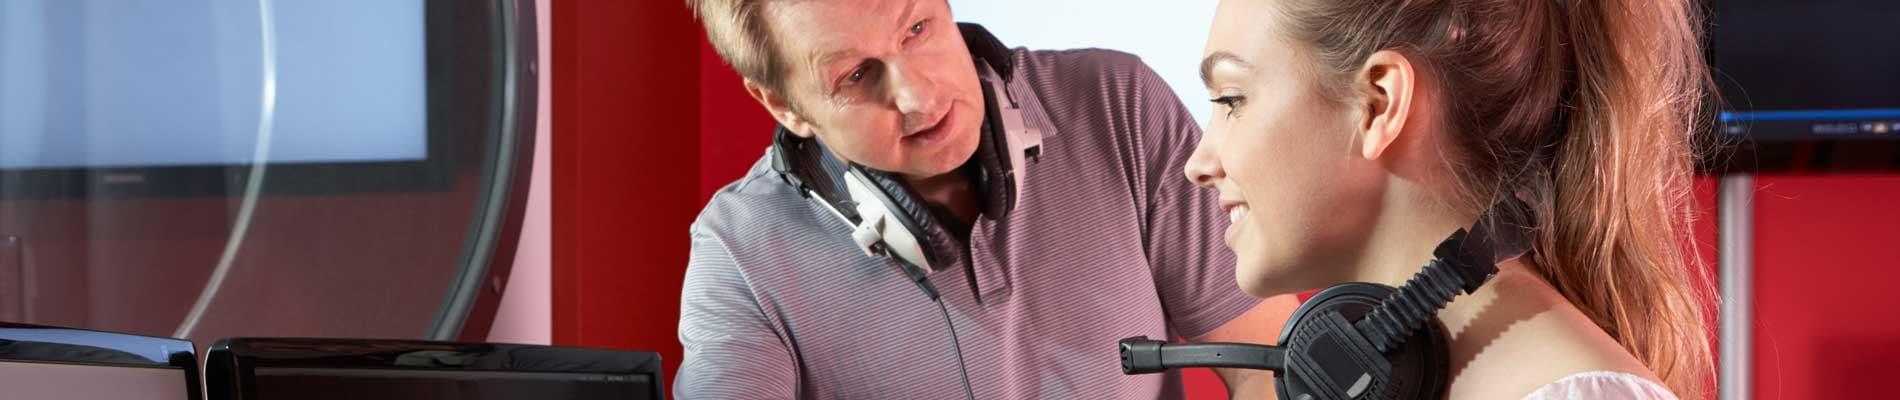 Progettazione e produzione di audiovisivi e di programmi radiofonici